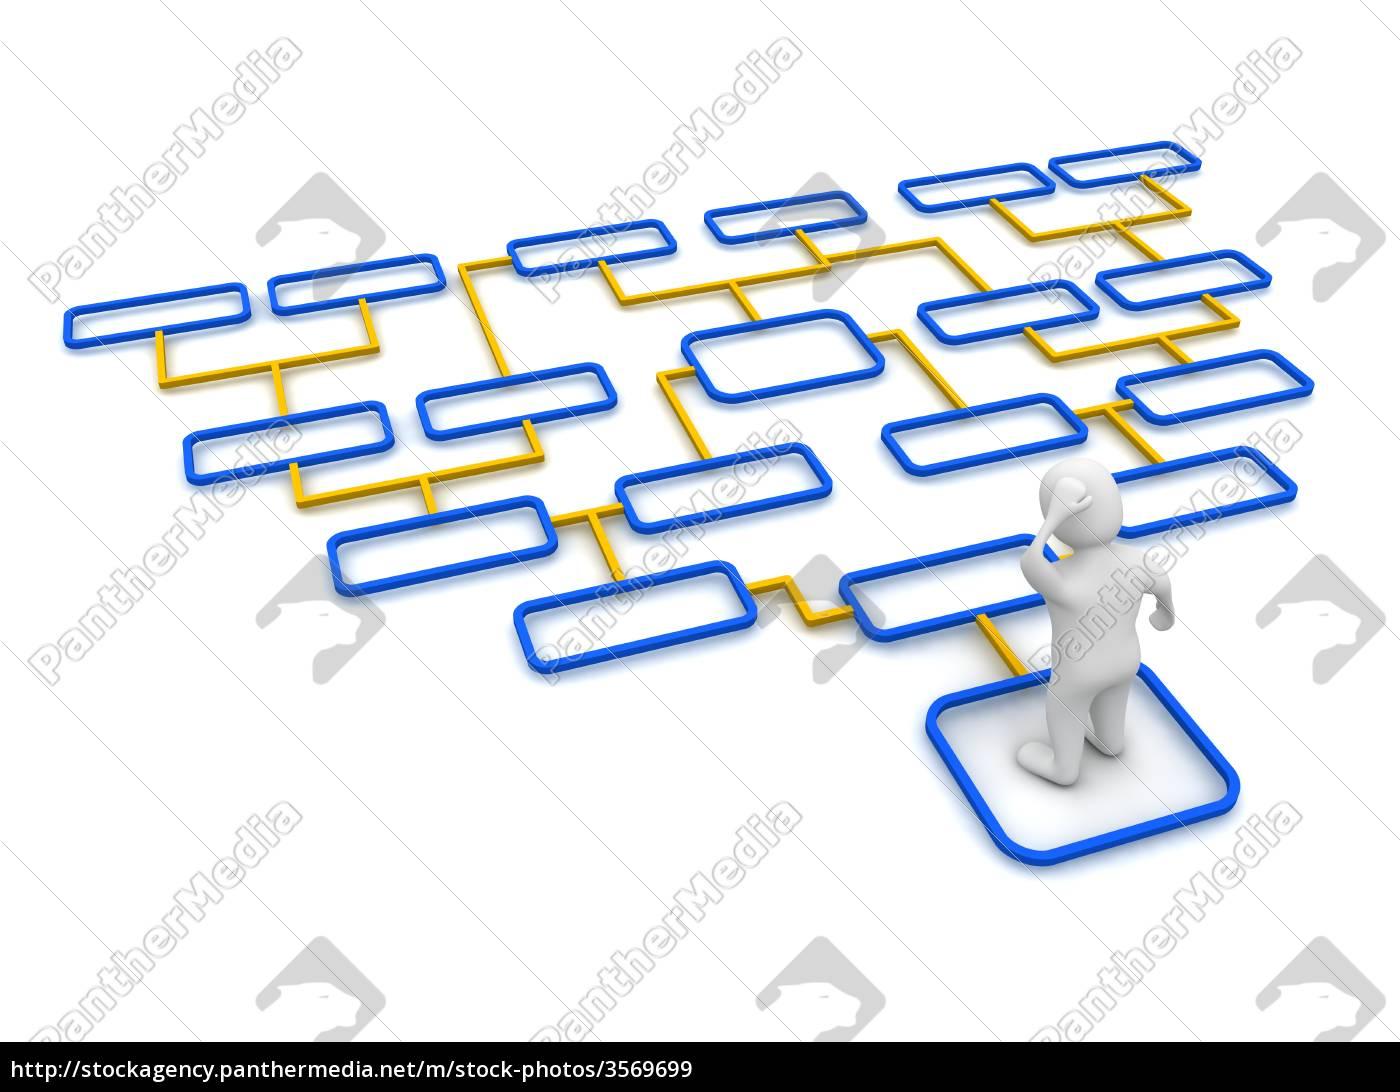 mann und kompliziertes diagramm - Lizenzfreies Bild - #3569699 ...